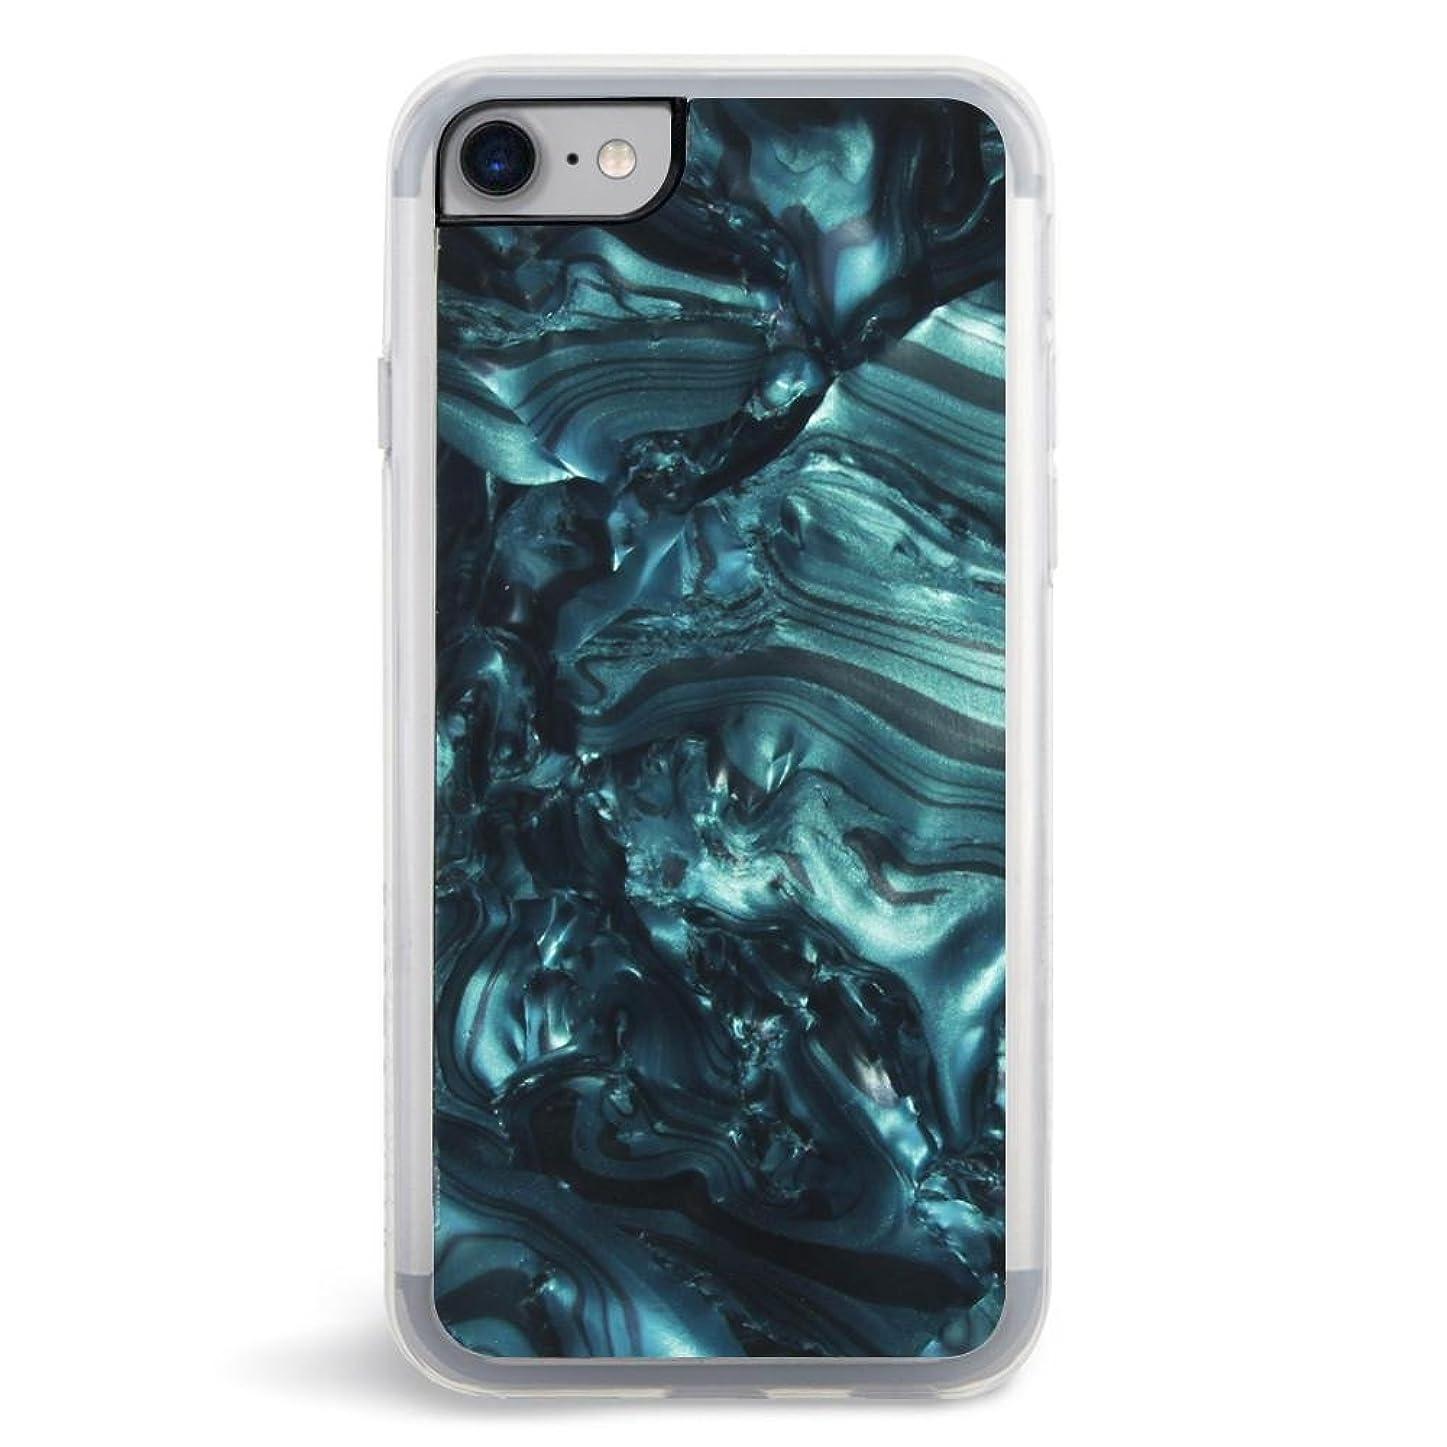 泥棒合理的学んだZERO GRAVITY(ゼログラビティ) アイフォンケース iPhone 7 対応 ケース LAPIS クリア【正規代理店品】